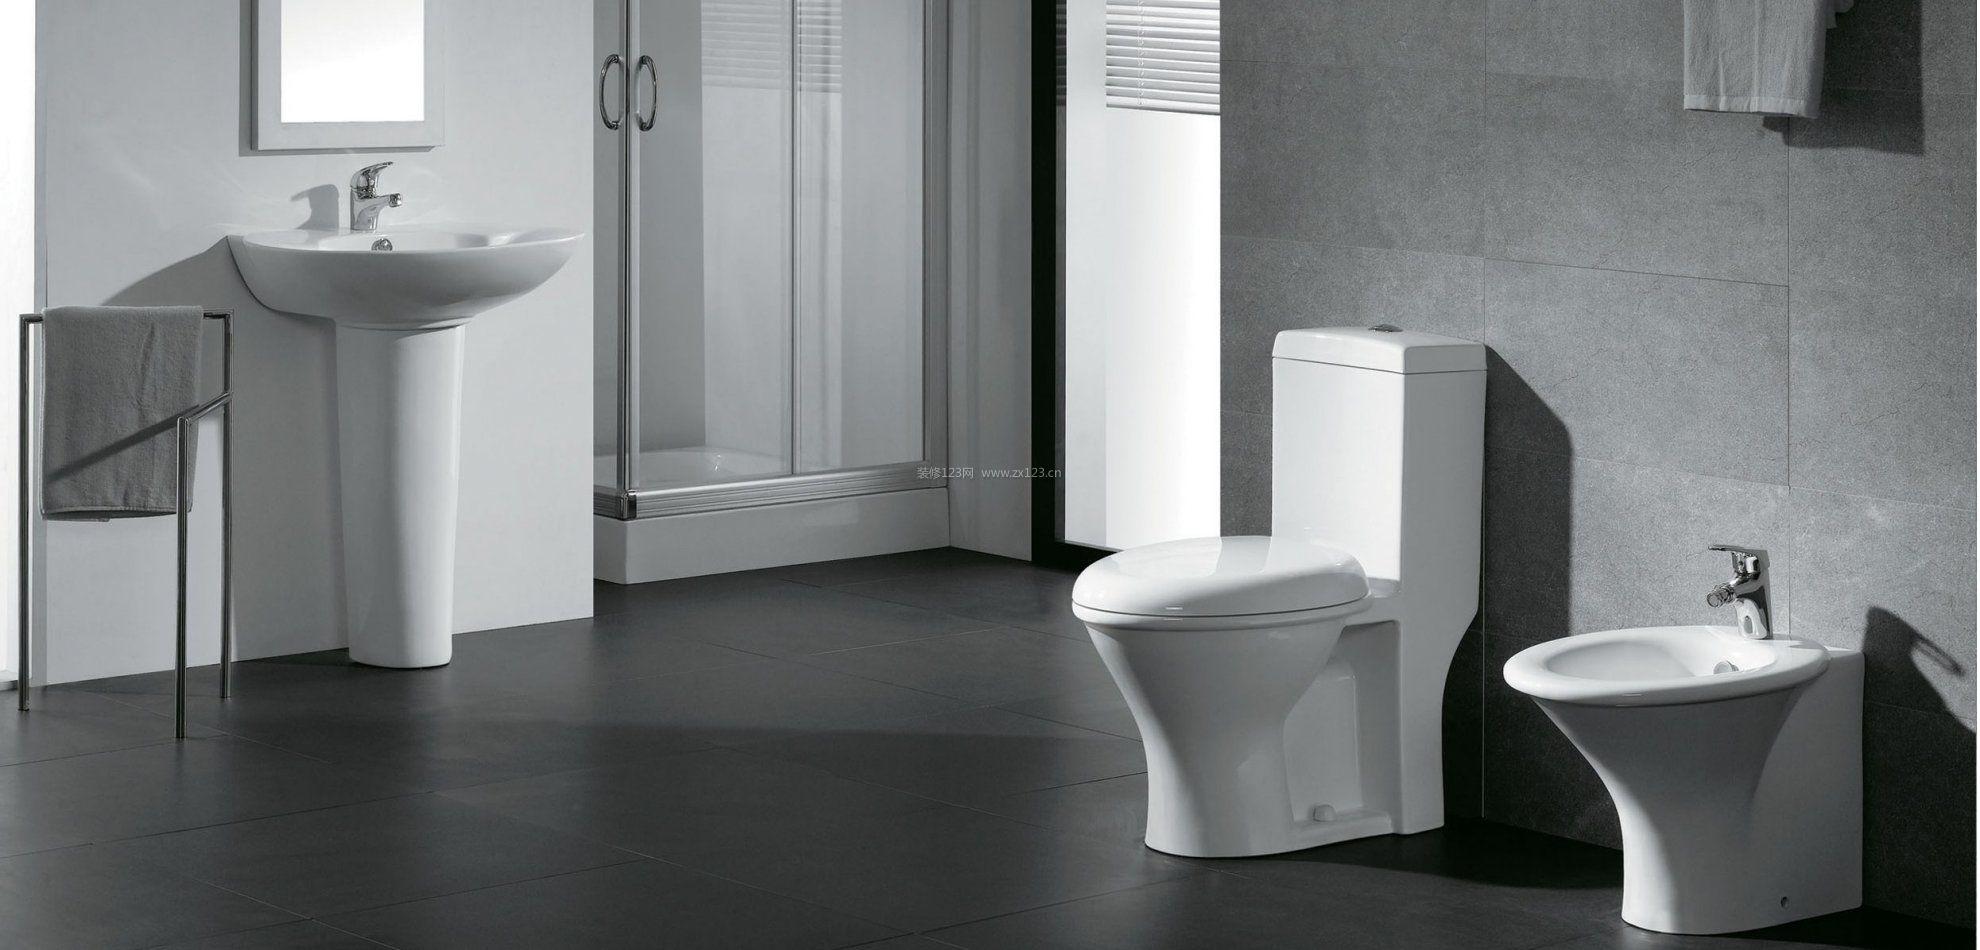 现代卫浴店面展厅黑白风格装修效果图片